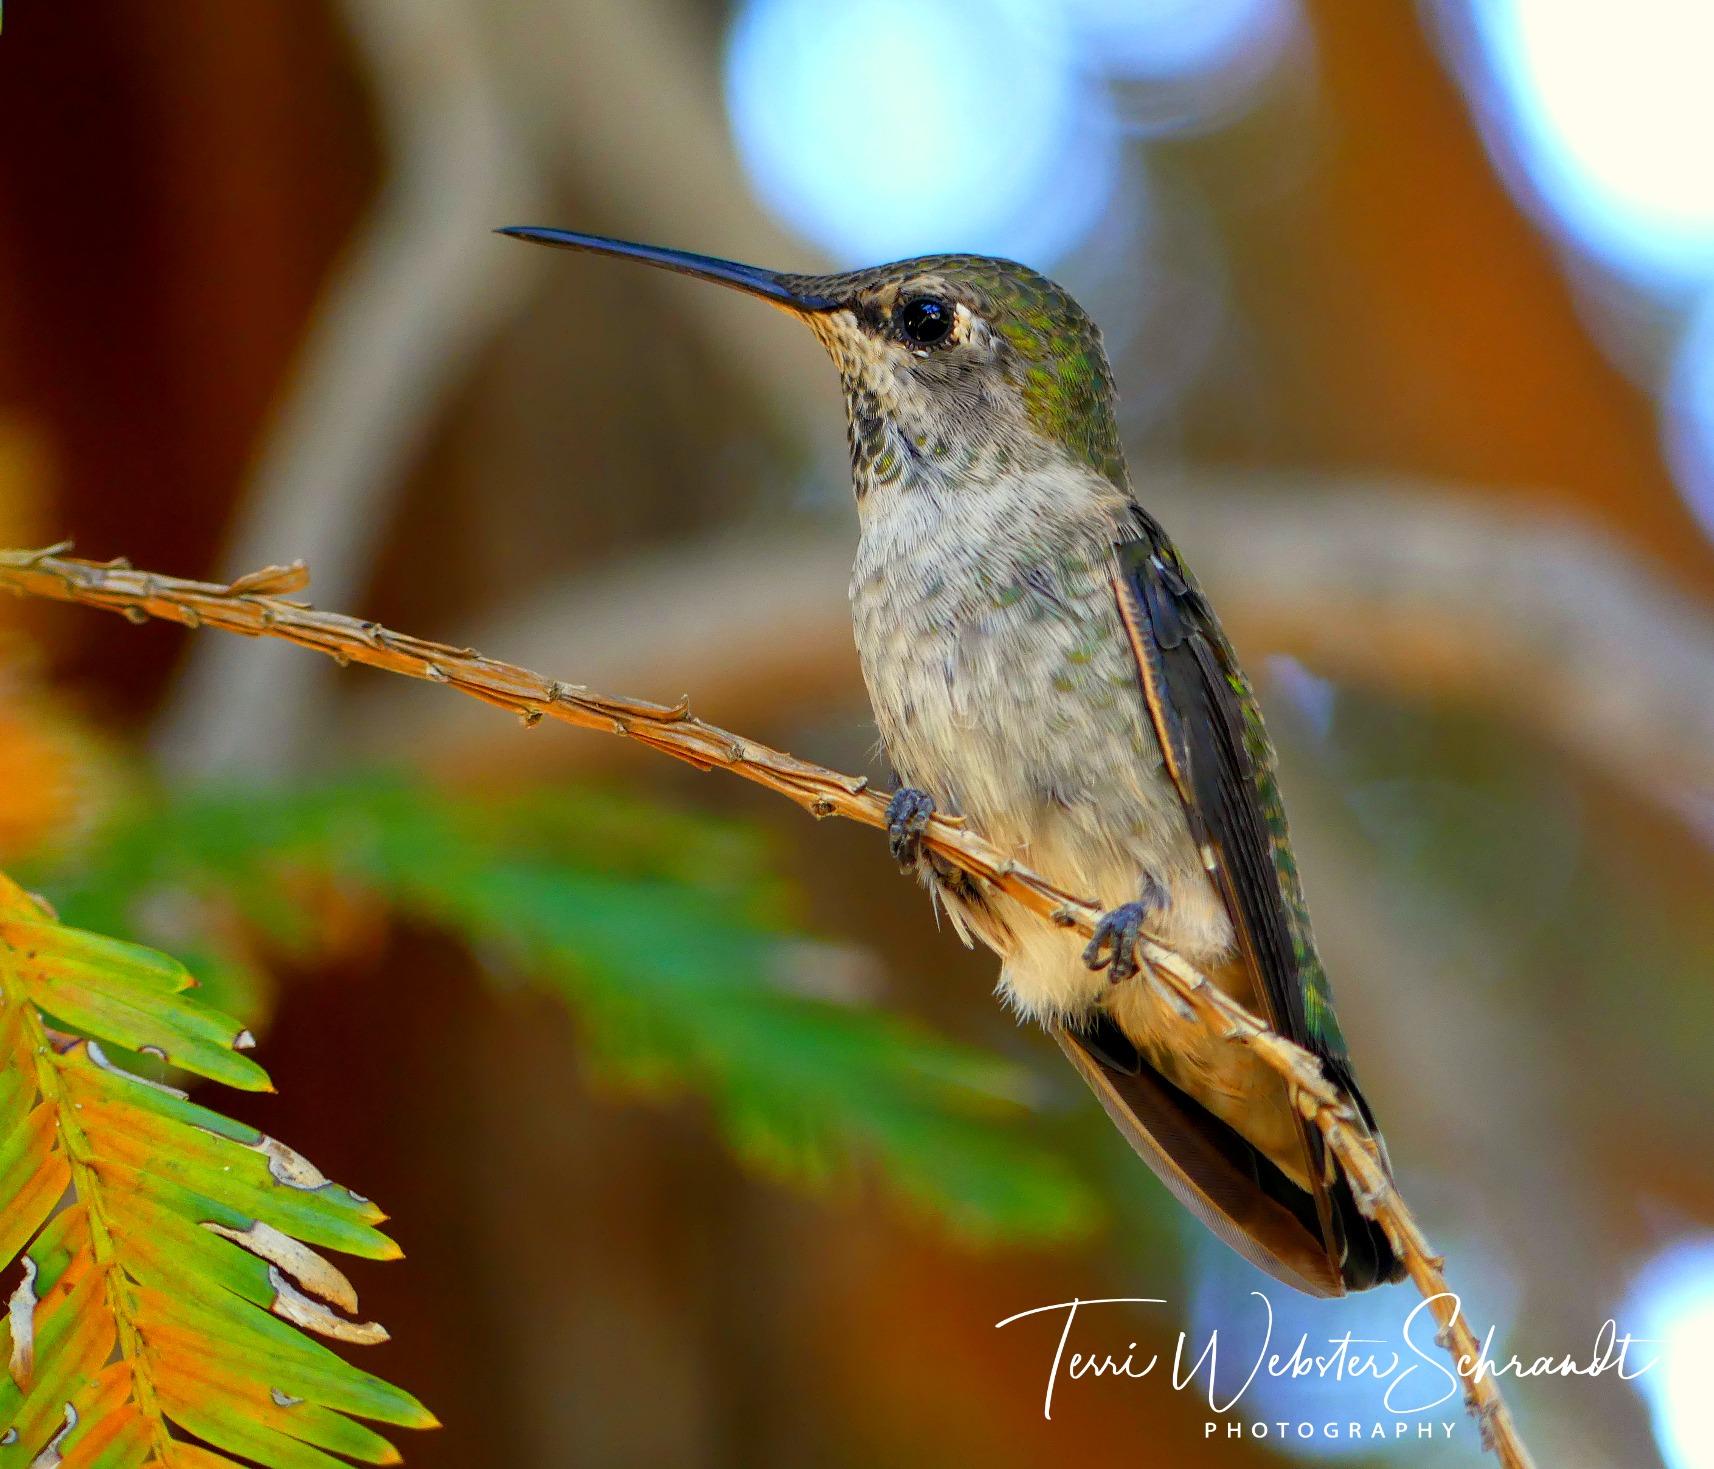 Photograph of hummingbird